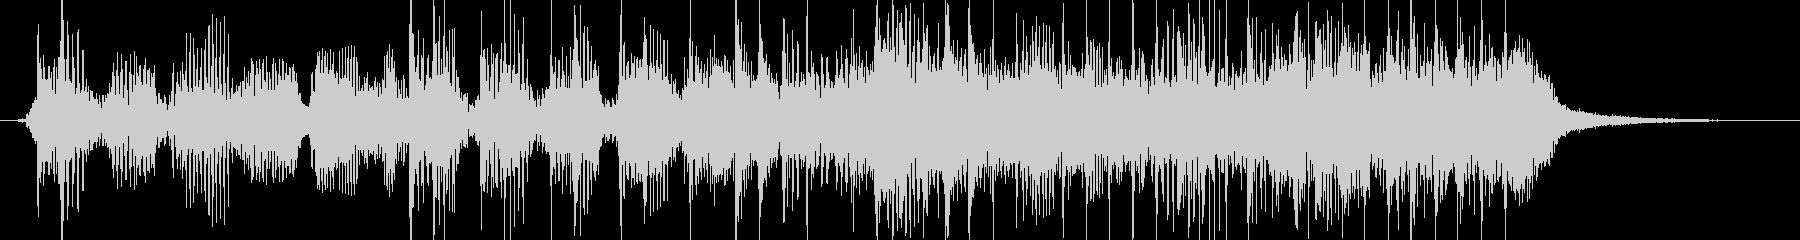 激しいロックベースサウンドのジングルの未再生の波形